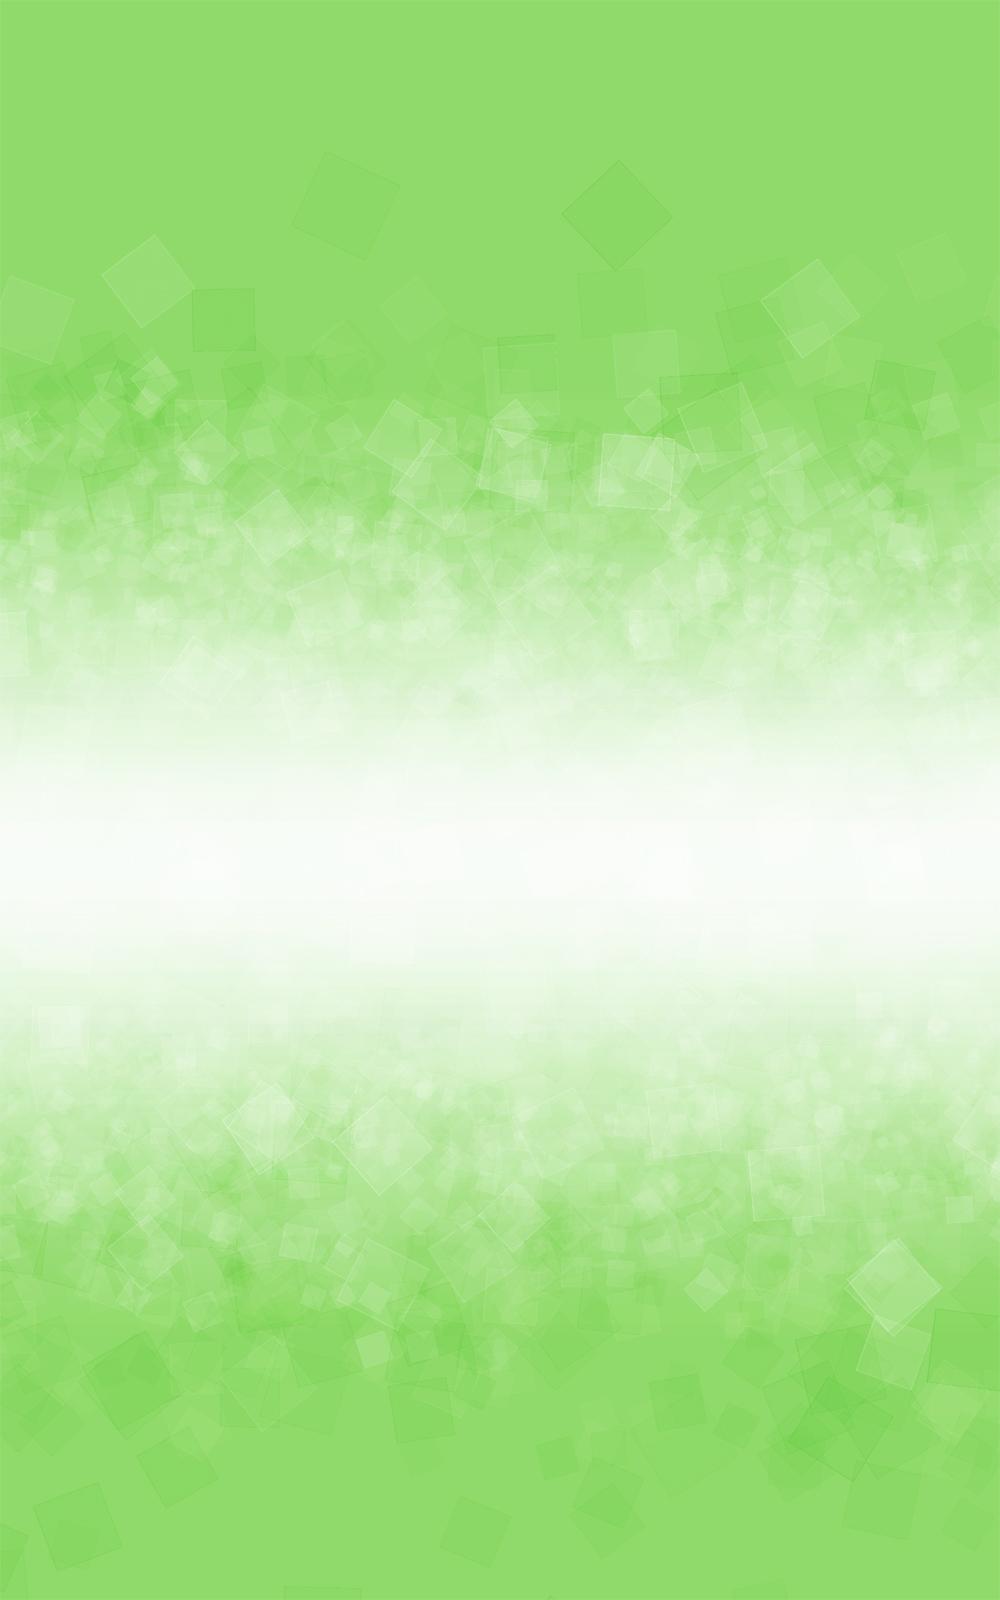 キラキラした抽象的な表紙画像(3c)